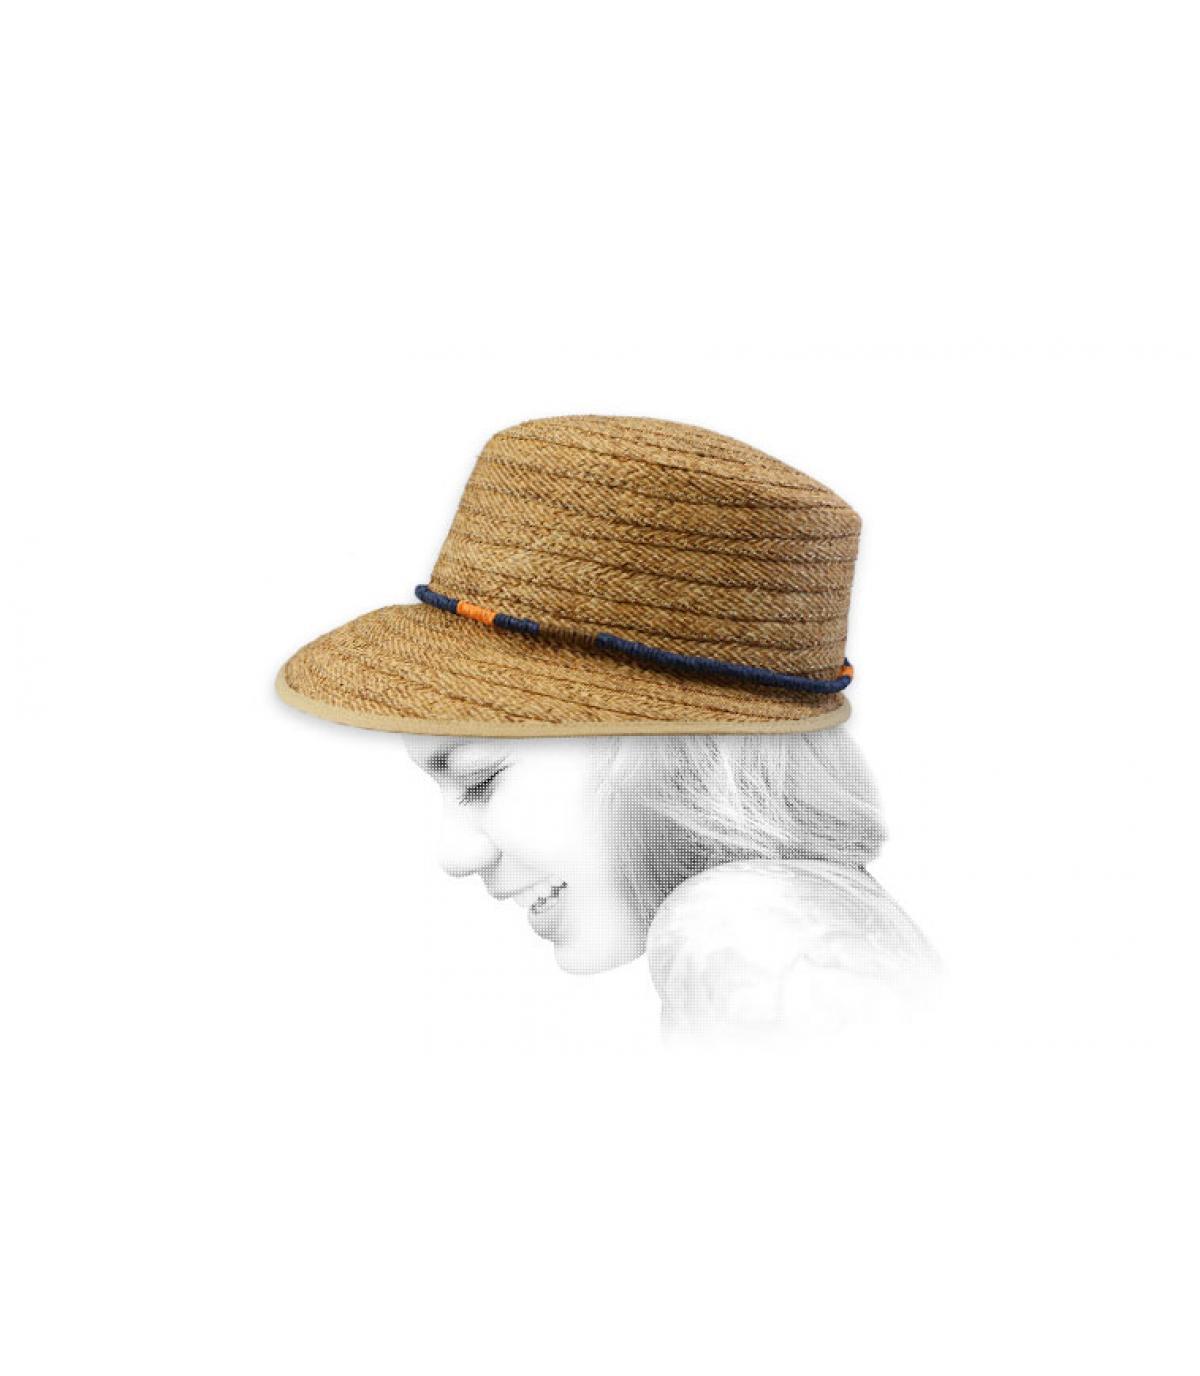 stro-vizier hoed